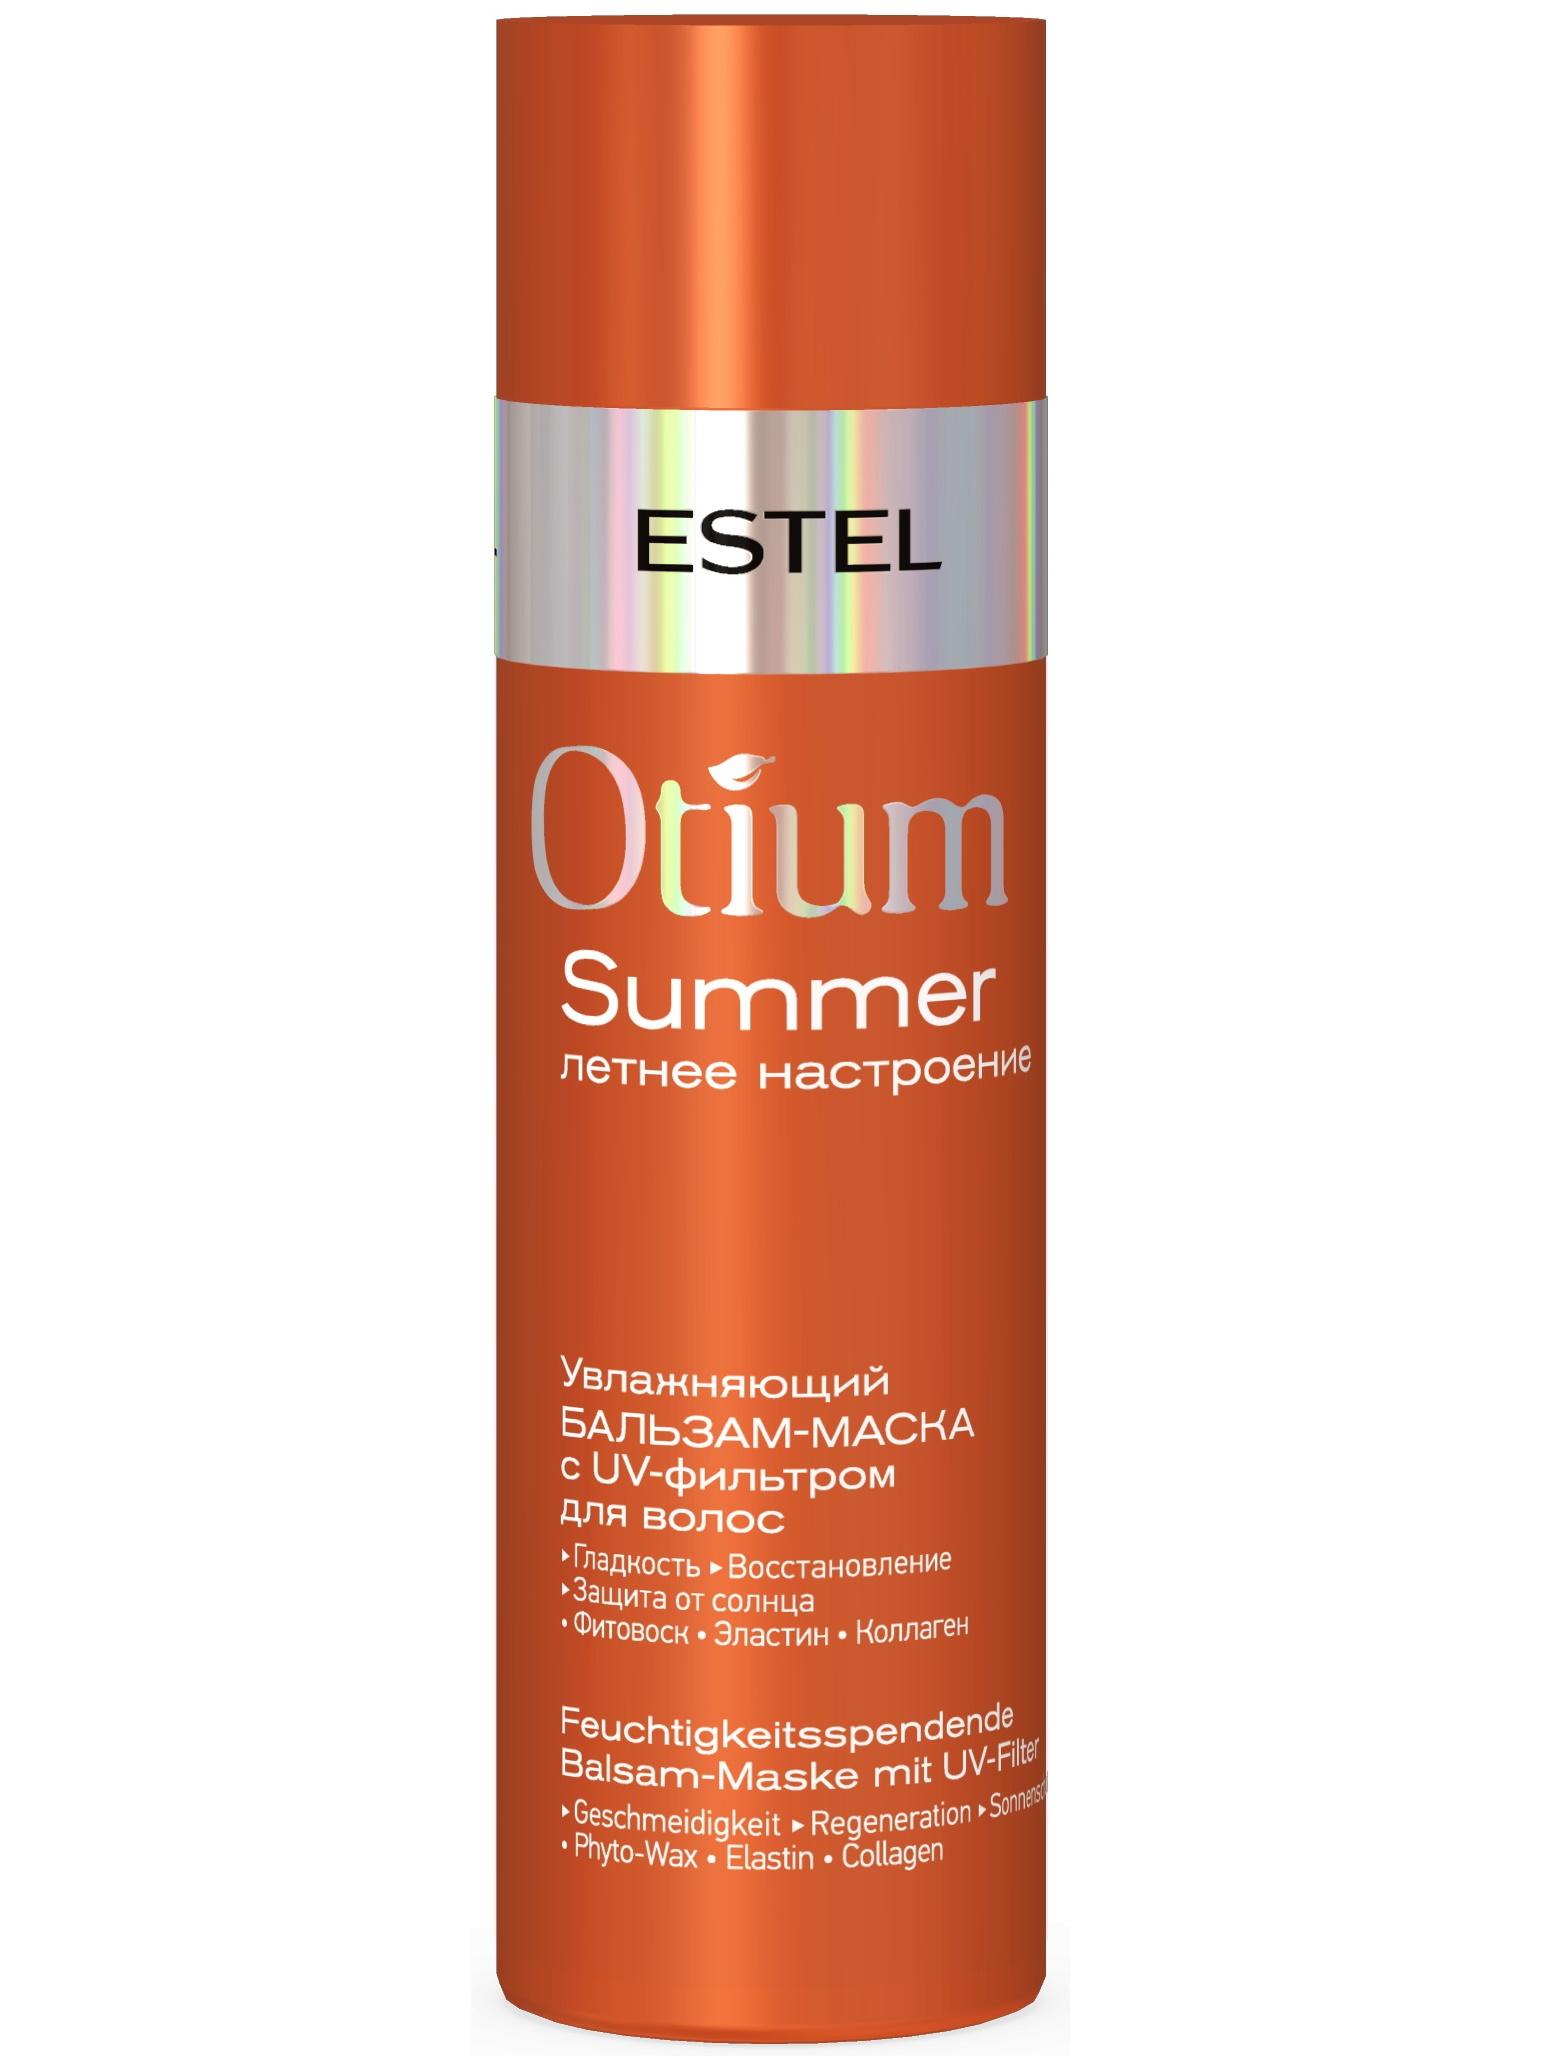 Купить Бальзам-маска OTIUM SUMMER ESTEL PROFESSIONAL увлажняющий с UV-фильтром для волос 200 мл